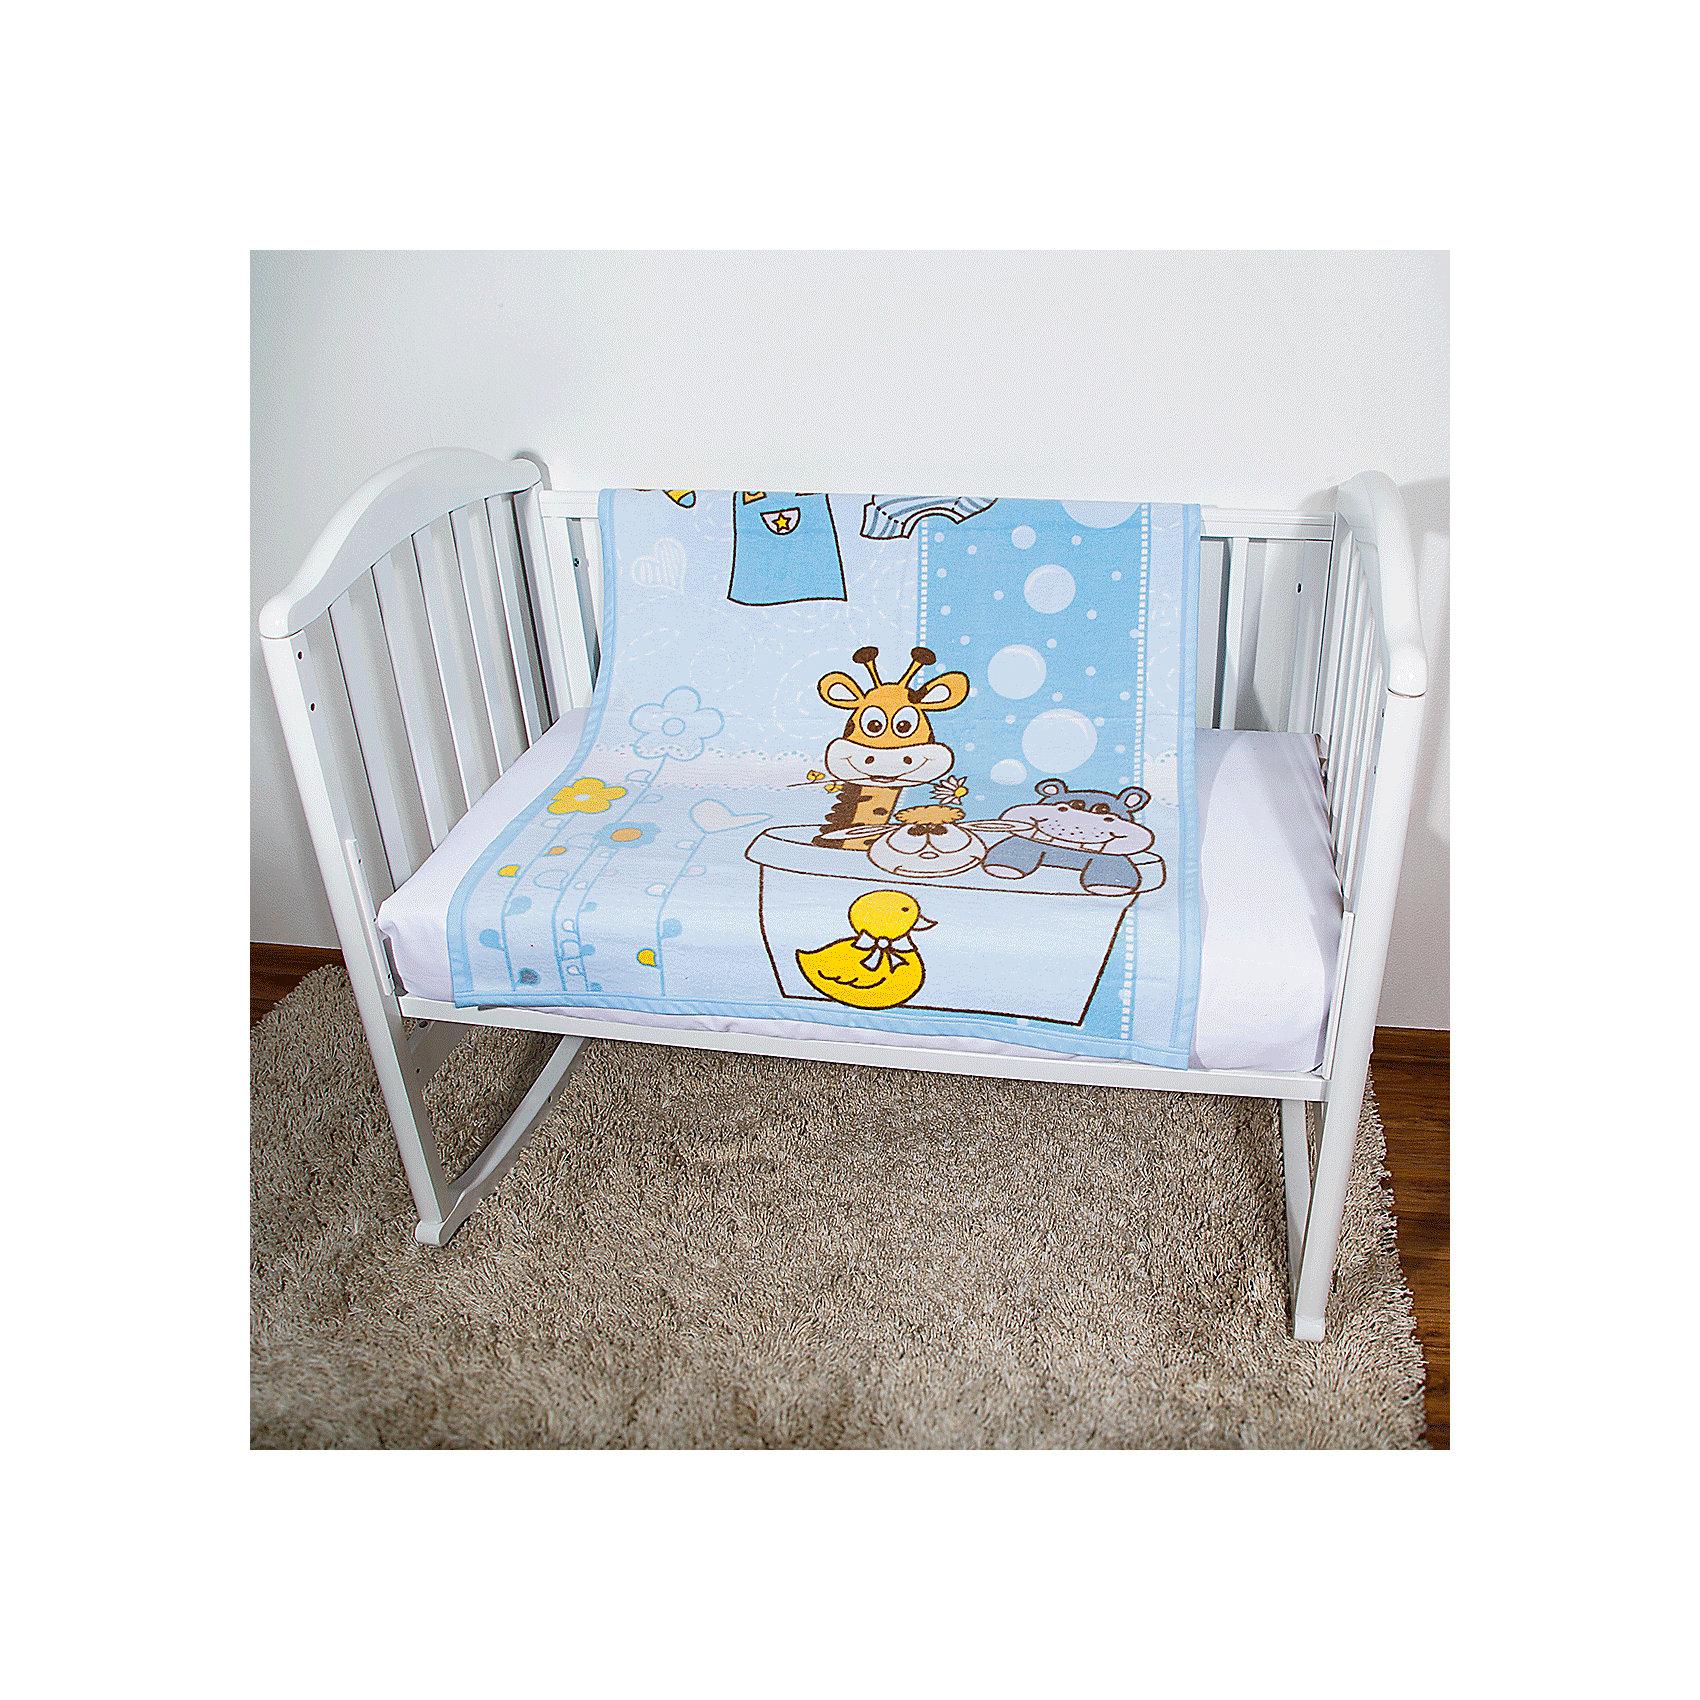 Одеяло байковое Купание, 85х115 2-сторон., Baby Nice, голубойПредметы, находящиеся в детской кроватке, должны быть качественными и безопасными. Это одеяло разработано специально для малышей, оно обеспечивает комфорт на всю ночь. Одеяло украшено симпатичным принтом.<br>Одеяло сшито из натурального дышащего хлопка, приятного на ощупь. Он не вызывает аллергии, что особенно важно для малышей. Оно обеспечит хорошую терморегуляцию, впитает лишнюю влагу, а значит - крепкий сон. Одеяло сделано из высококачественных материалов, безопасных для ребенка.<br><br>Дополнительная информация:<br><br>цвет: голубой;<br>материал: хлопок;<br>принт;<br>двустороннее;<br>размер: 85 х 115 см.<br><br>Одеяло байковое Купание, 85х115 2-сторон. от компании Baby Nice можно купить в нашем магазине.<br><br>Ширина мм: 230<br>Глубина мм: 250<br>Высота мм: 40<br>Вес г: 500<br>Возраст от месяцев: 0<br>Возраст до месяцев: 36<br>Пол: Унисекс<br>Возраст: Детский<br>SKU: 4941756